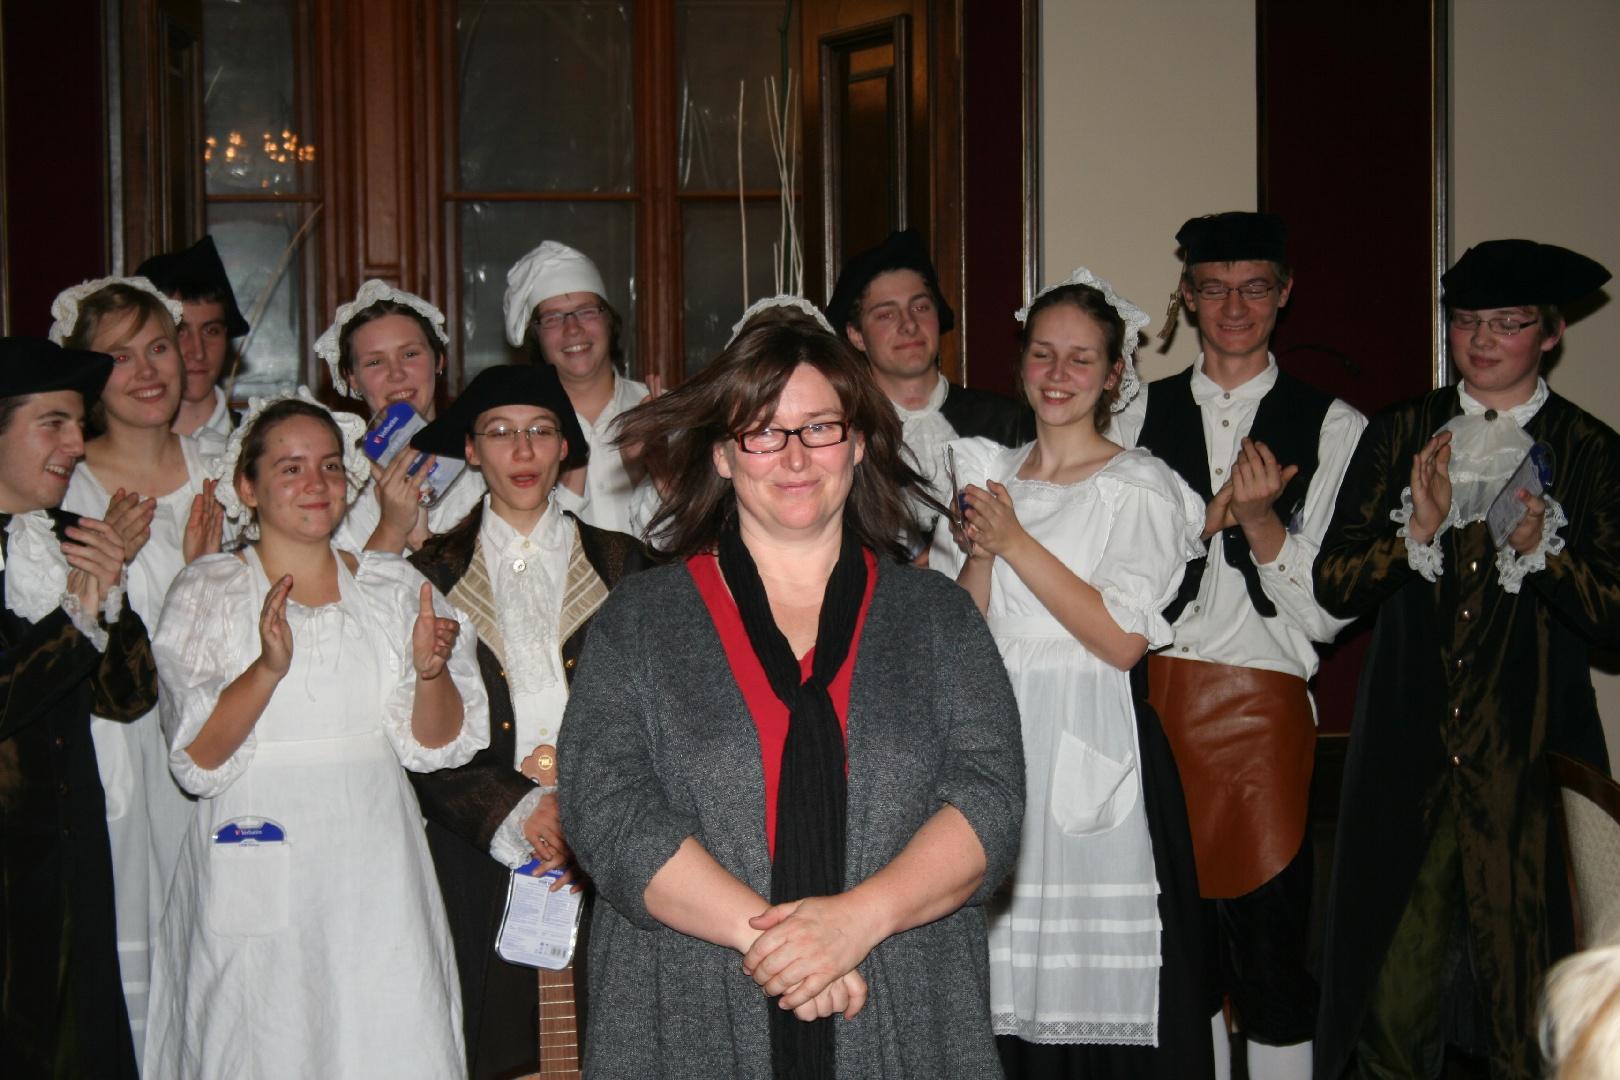 2009-11-08_Martensmannfestschmaus_167